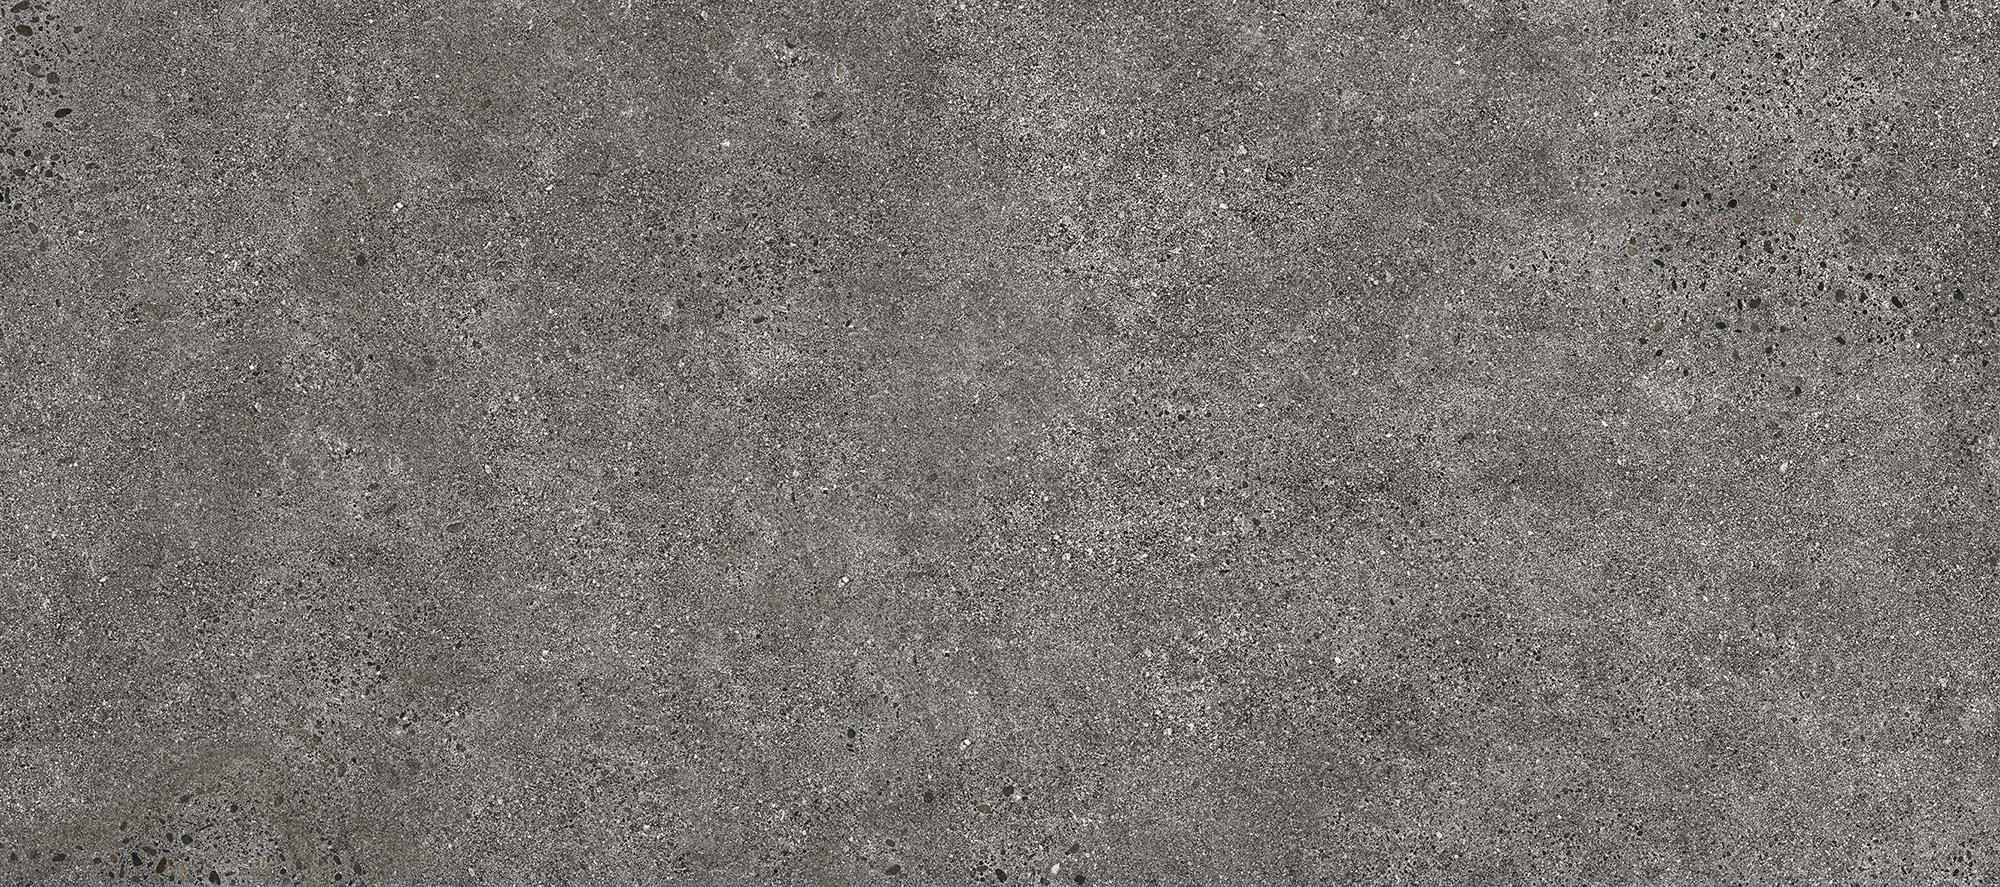 0099676, Deep, Tummanharmaa, lattia,pakkasenkesto,liukastumisenesto,uimahalli